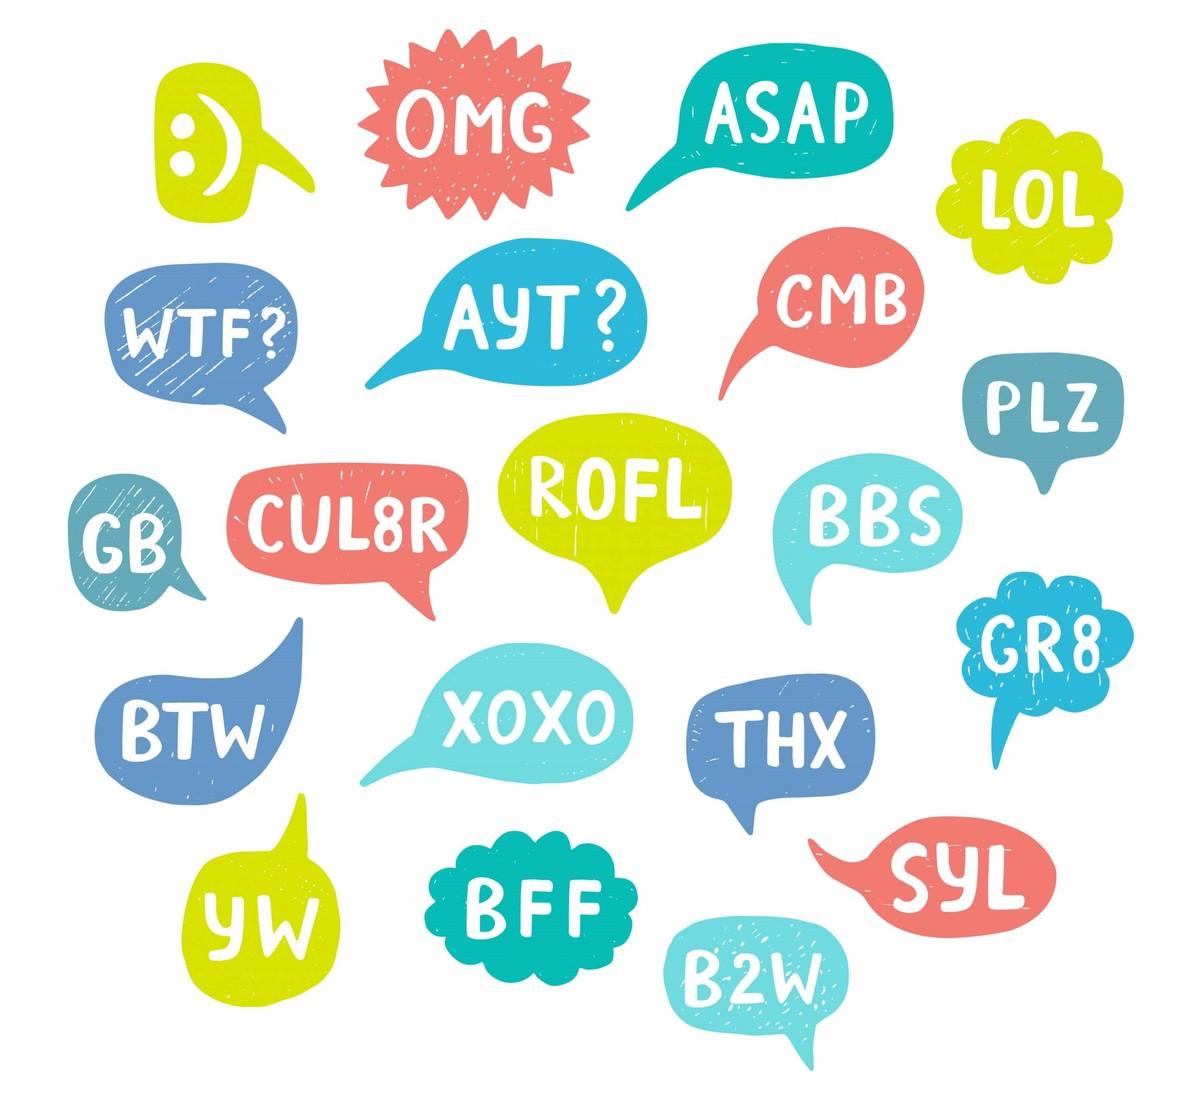 An image shows various texting abbreviations.